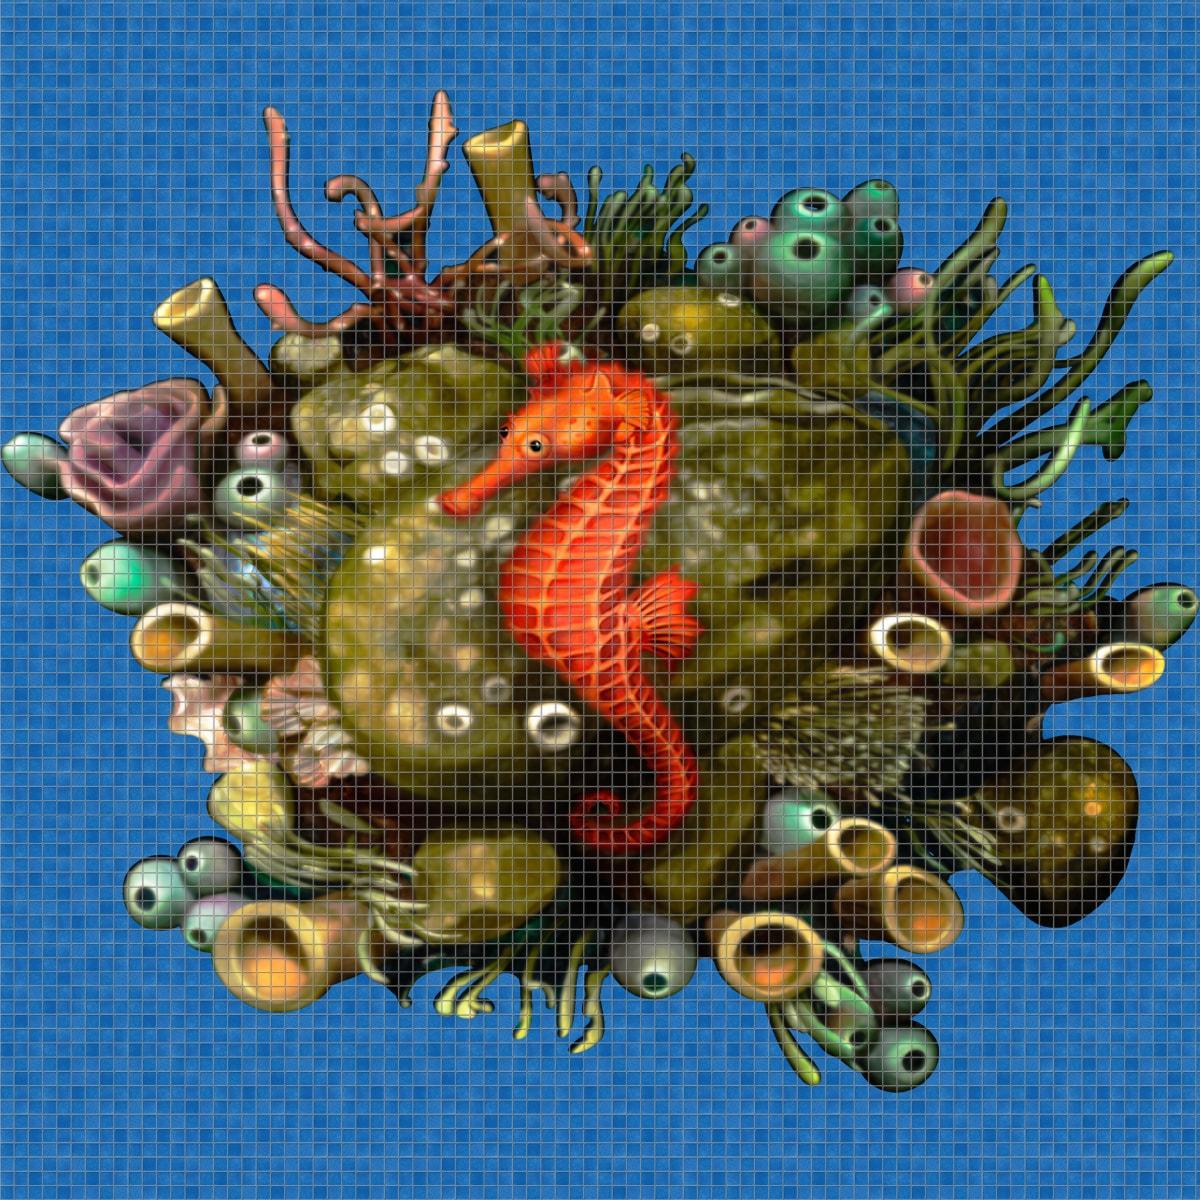 Sea-Horse-Digital-Print-Mosaic-Ezarri.jpg